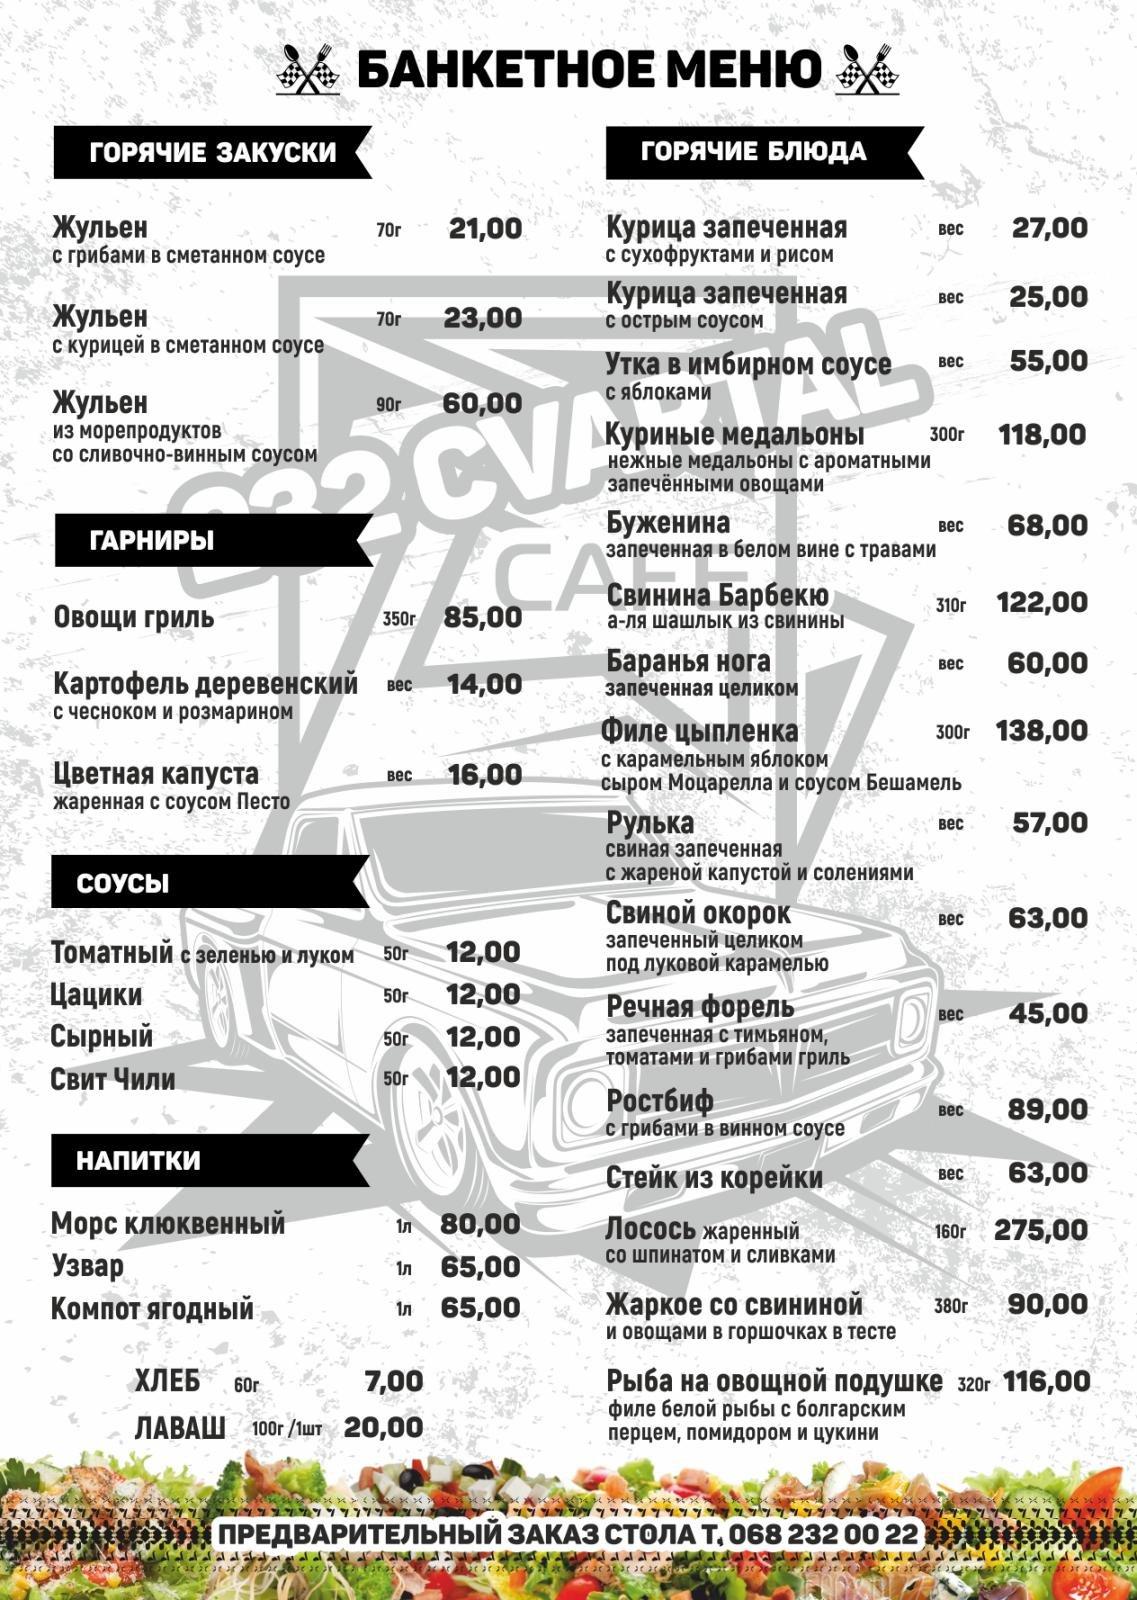 232 CVARTAL принимает заказы на проведение банкетов. Успей забронировать!, фото-10